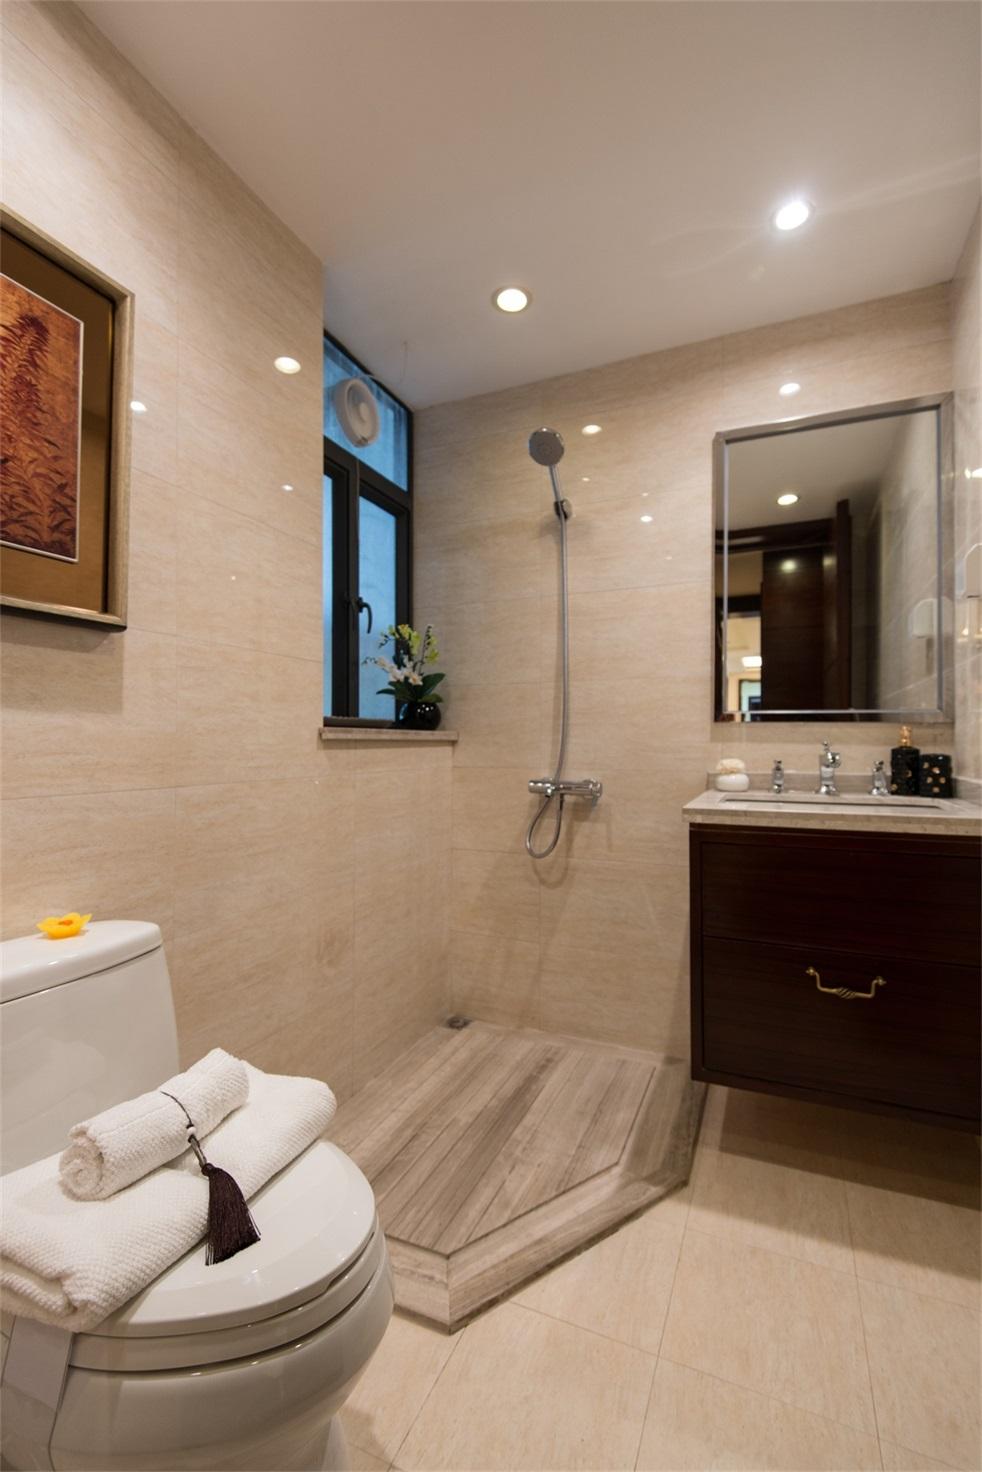 卫生间空间不大,设计师用浅色进行修饰,让视觉效果得以延伸。